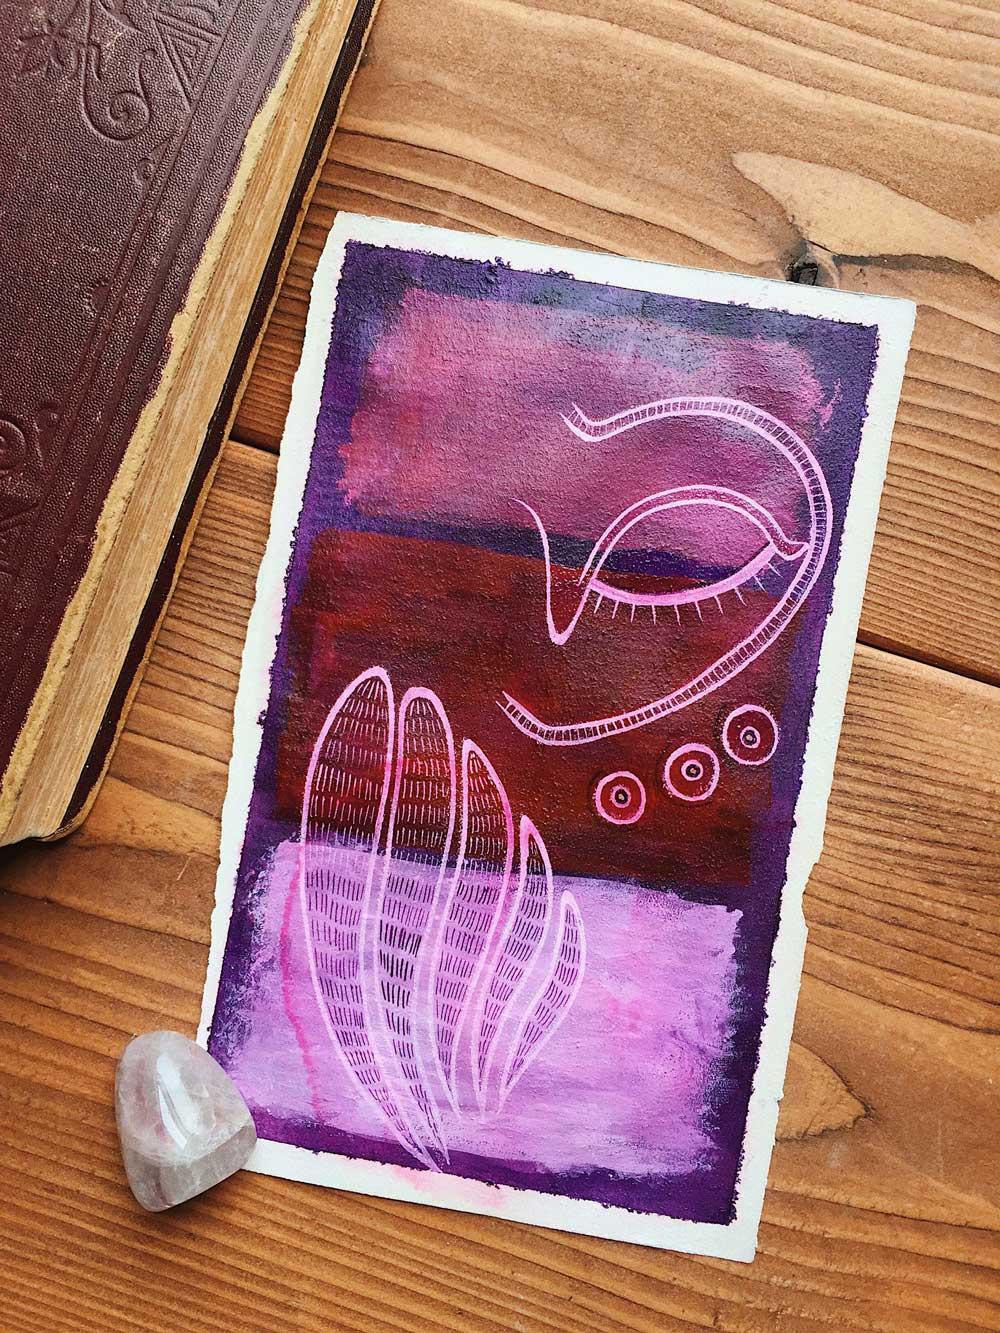 Rhotko-inspired-book-bage-painting-eve-devore-69.jpg